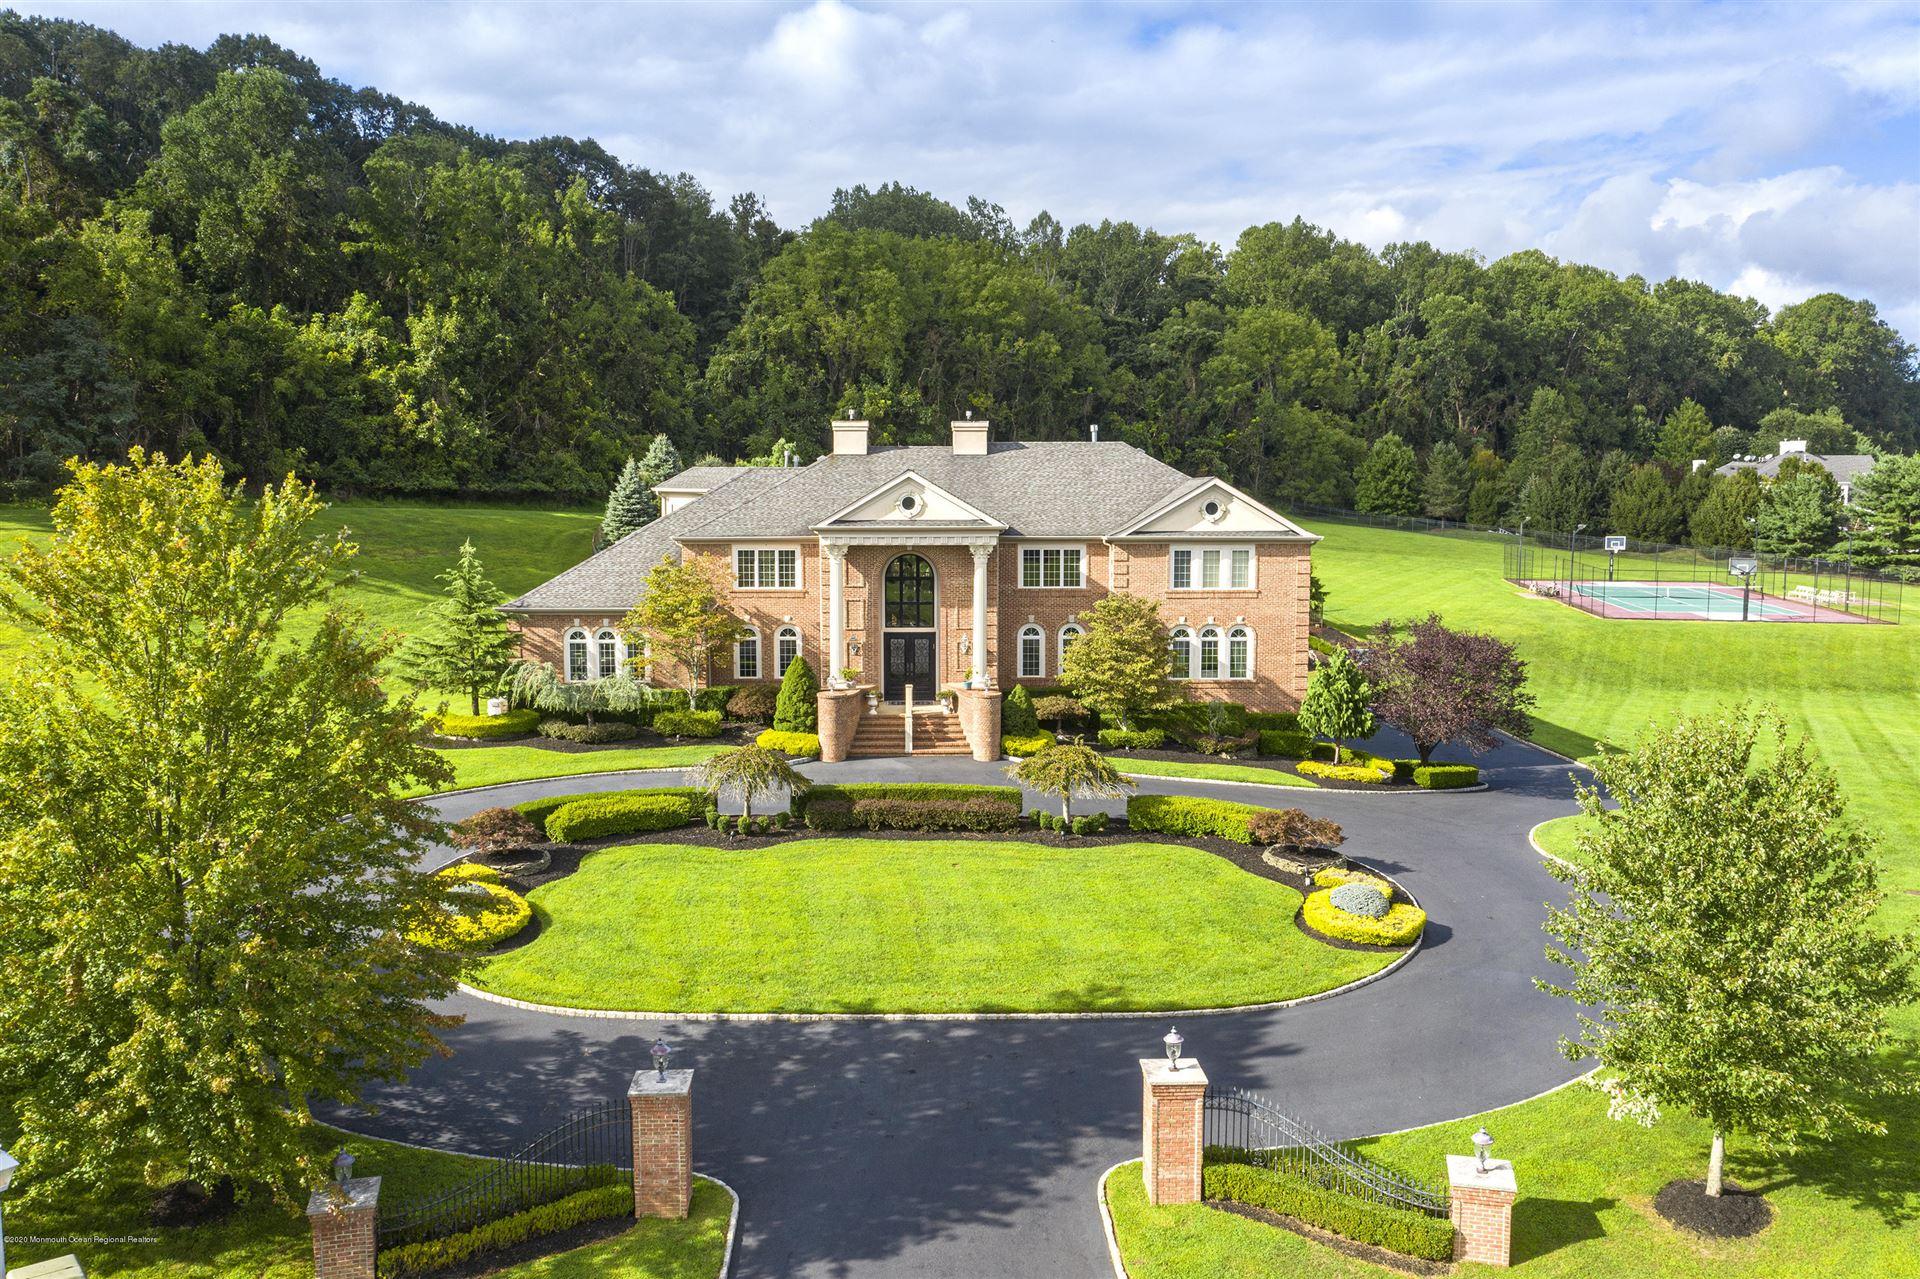 10 Palazzo Grande, Morganville, NJ 07751 - MLS#: 22031214